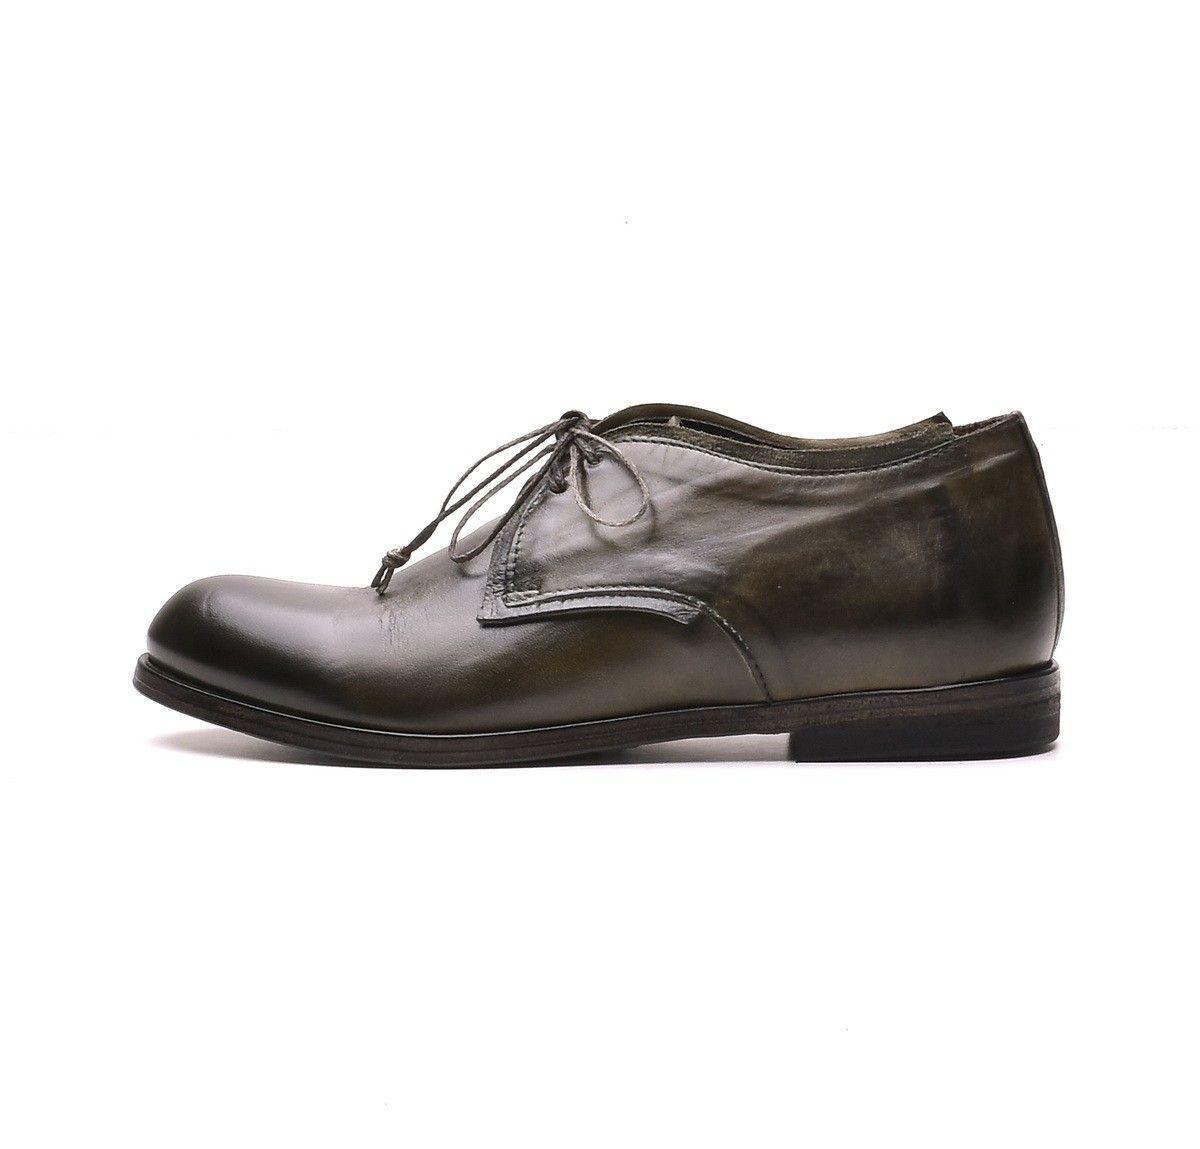 sports shoes c0f3f 3fb8f SHOTO - Damen Schuhe - Horse Pesca Reversed - Verde